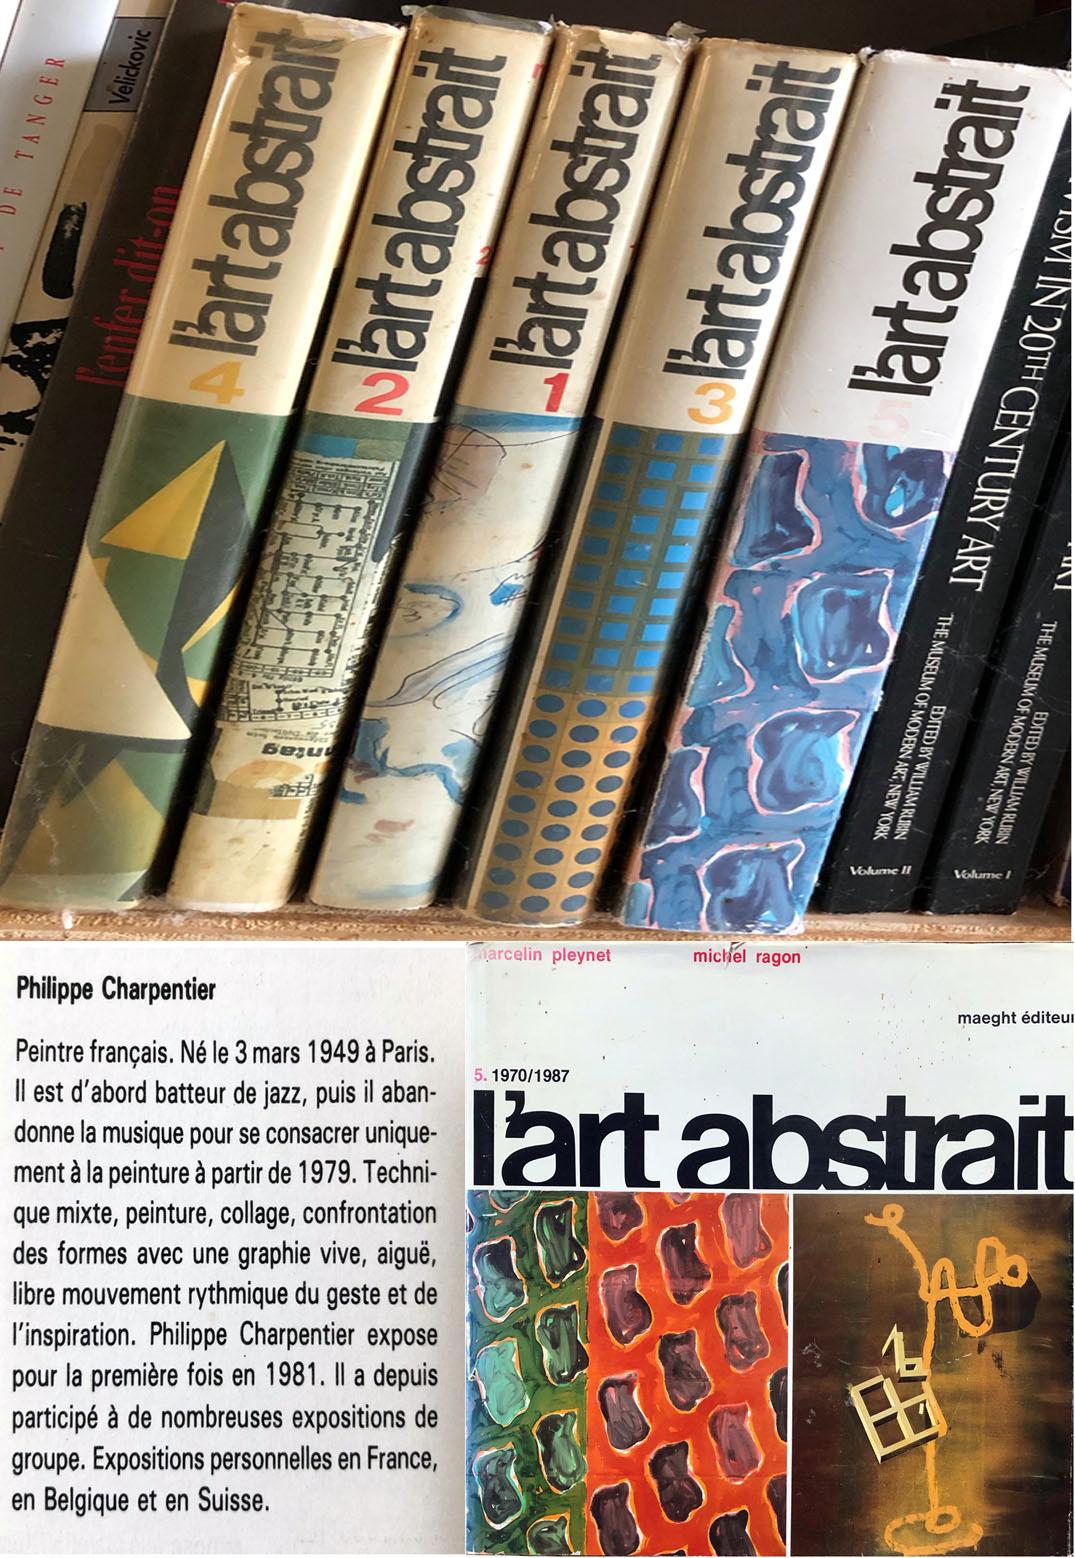 Michel Ragon encyclopédie de l'art abstrait